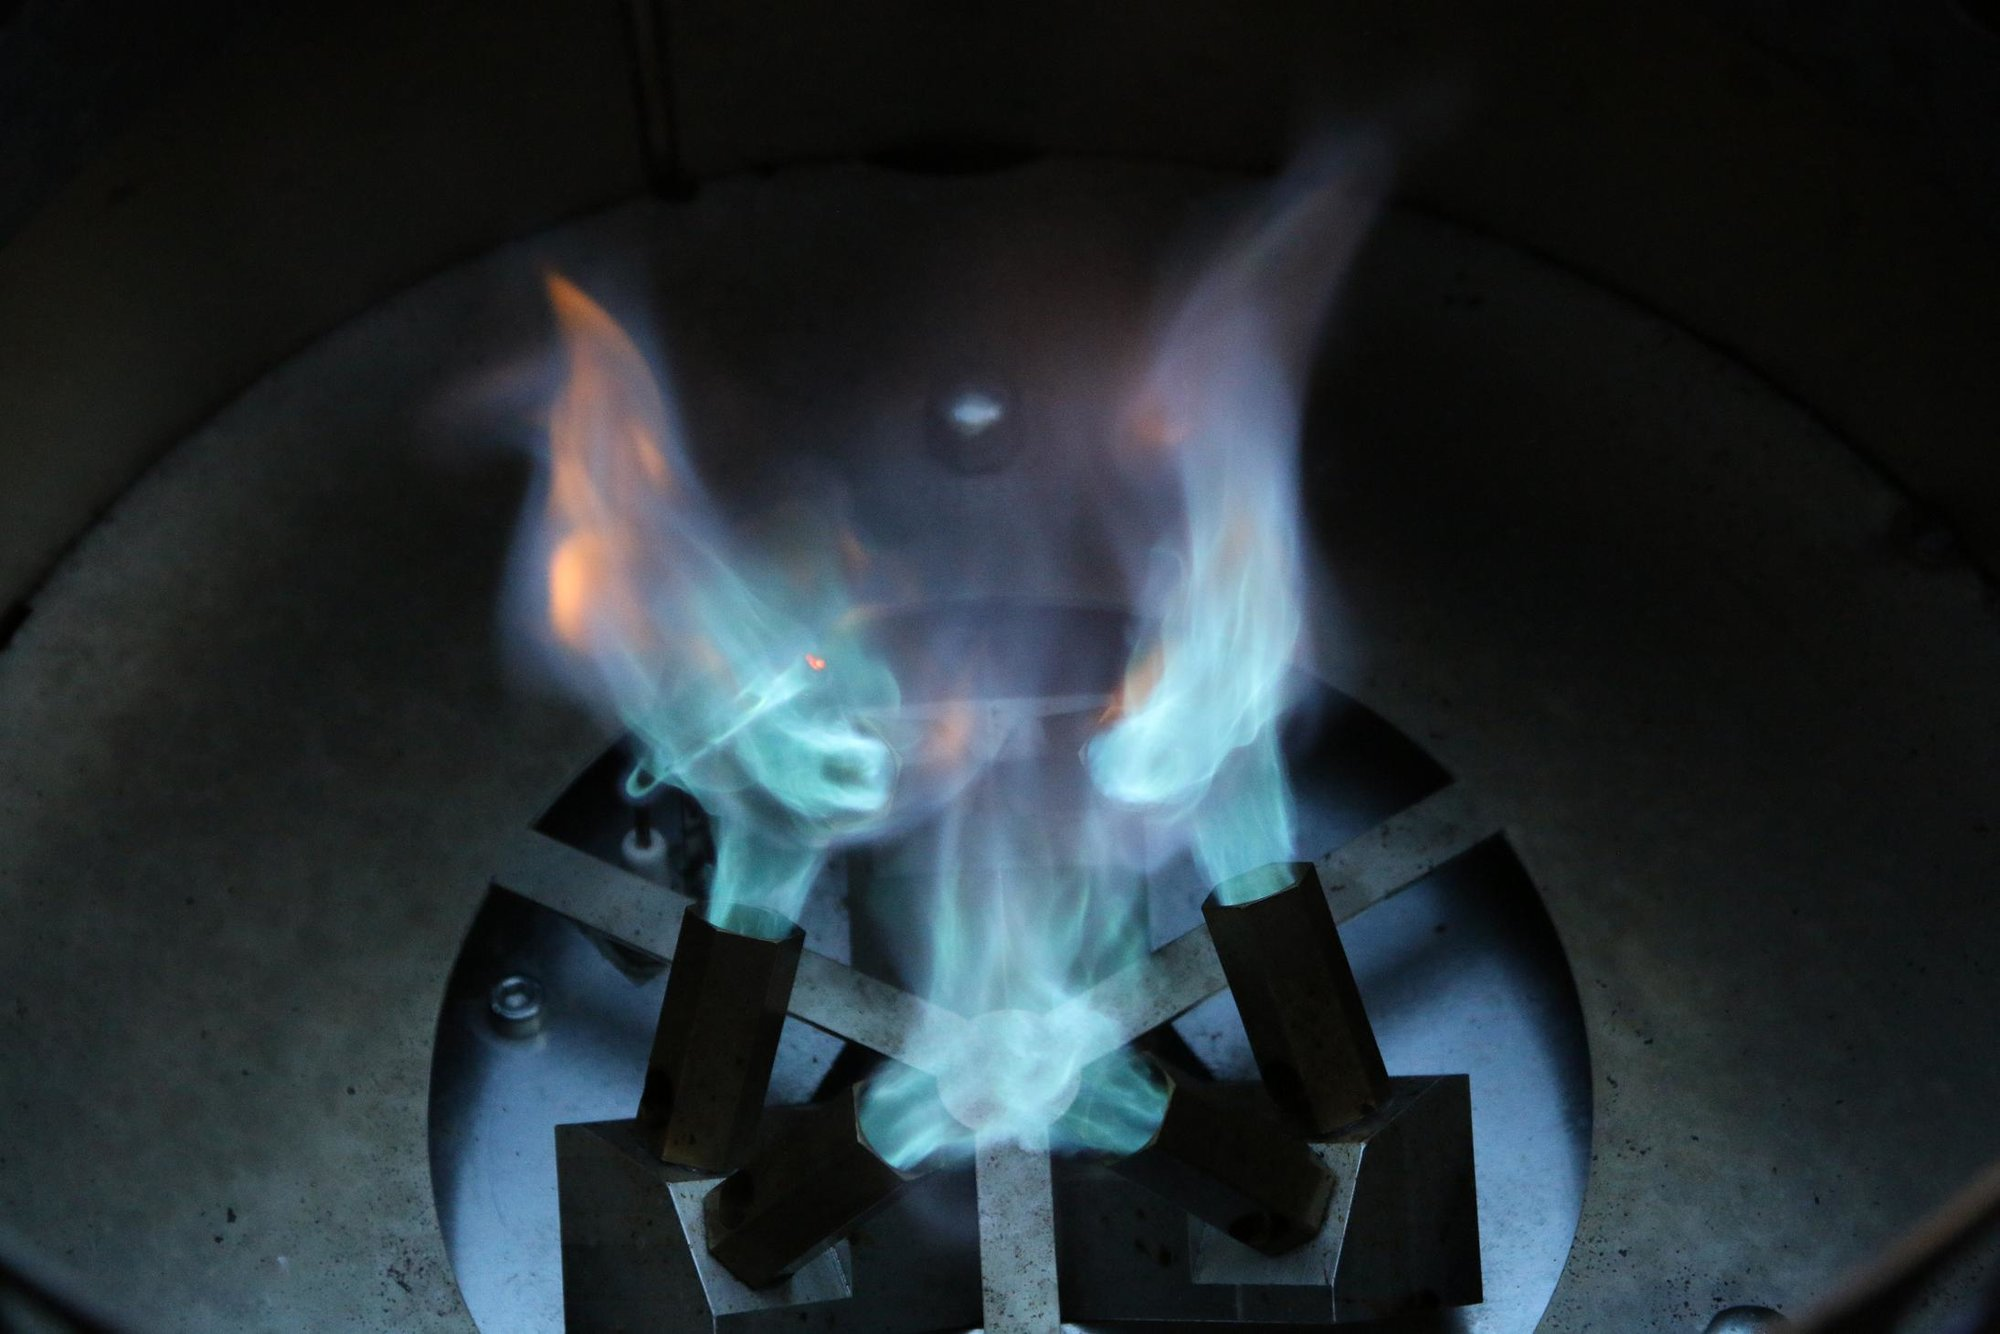 40 größte Flamme.JPG